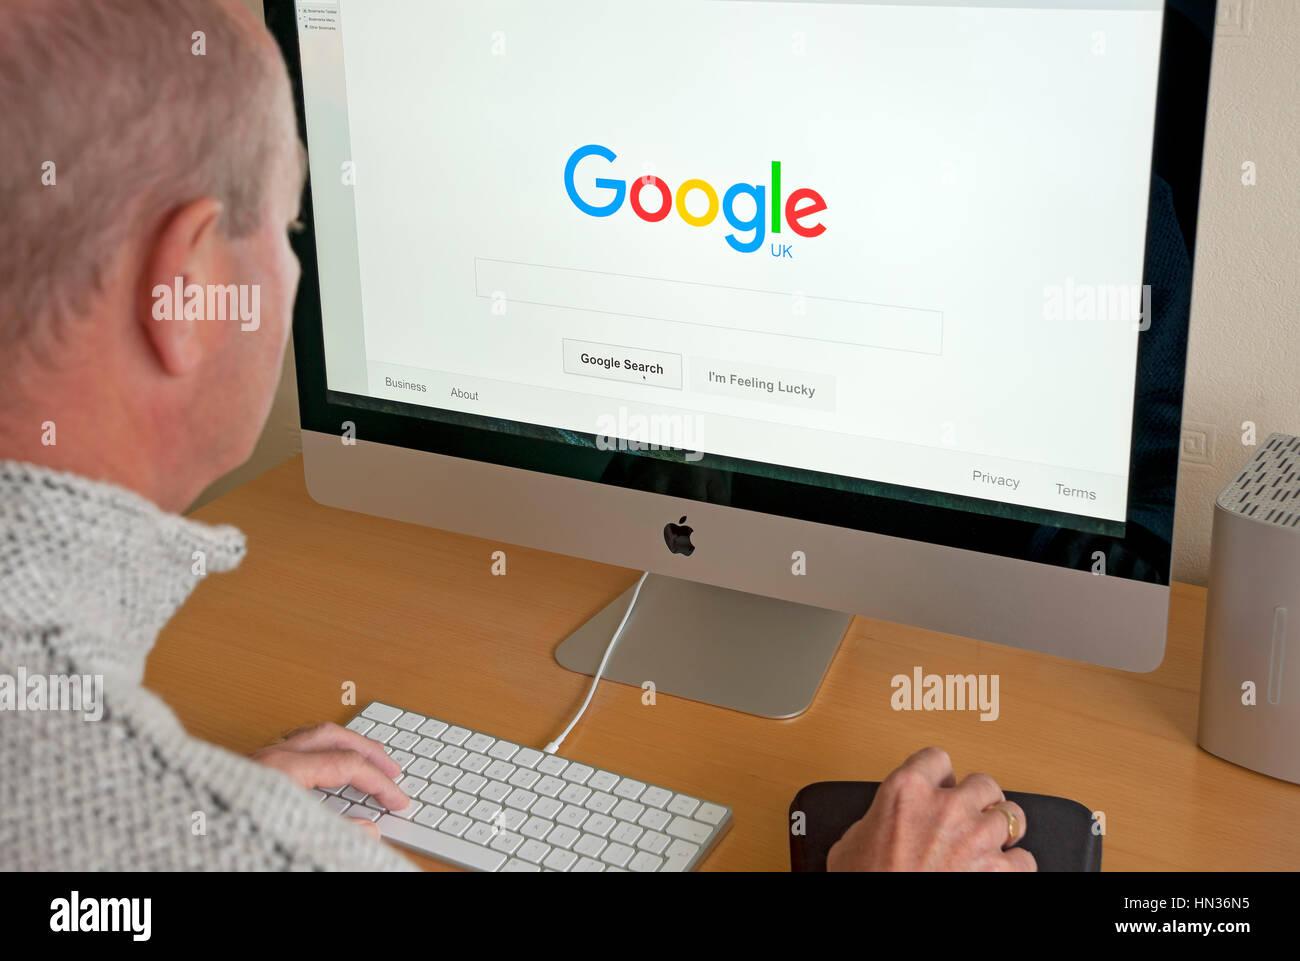 El hombre busca en Google UK homepage en la pantalla de ordenador. Imagen De Stock